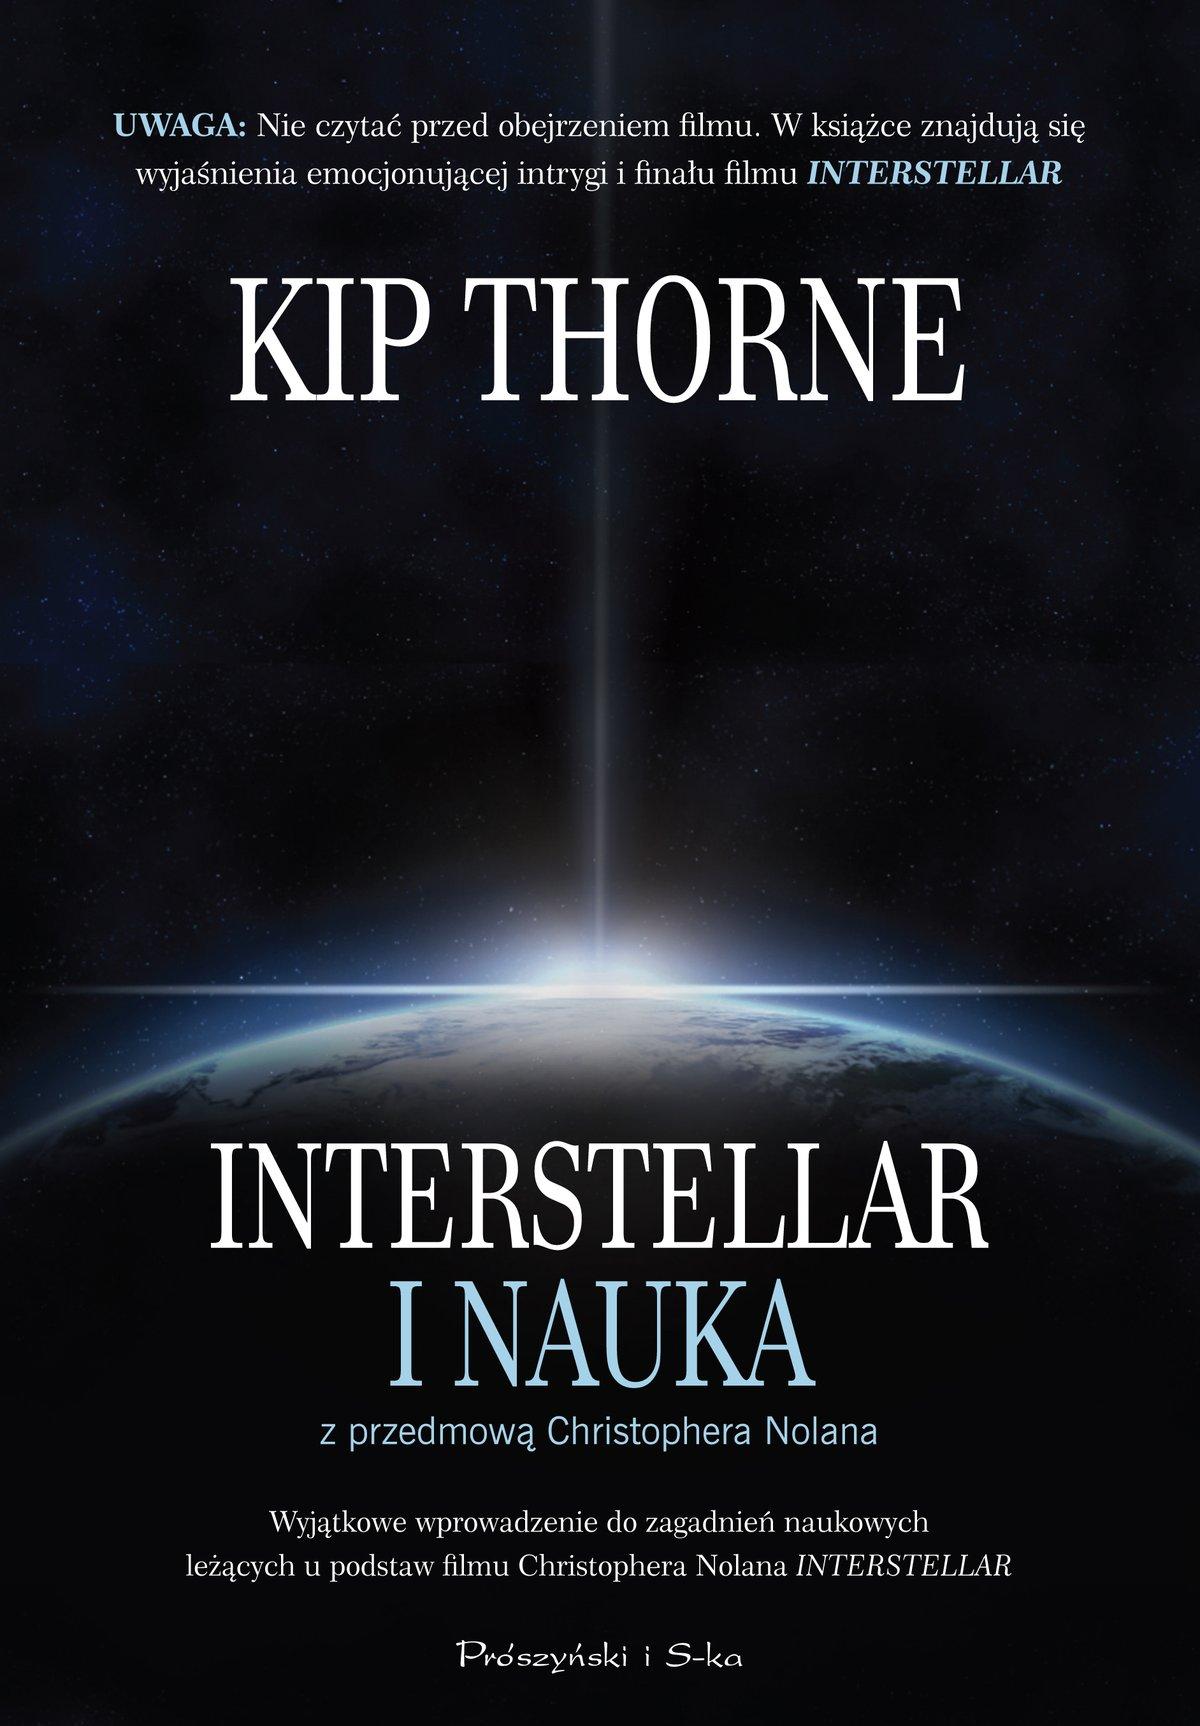 Interstellar i nauka - Ebook (Książka EPUB) do pobrania w formacie EPUB